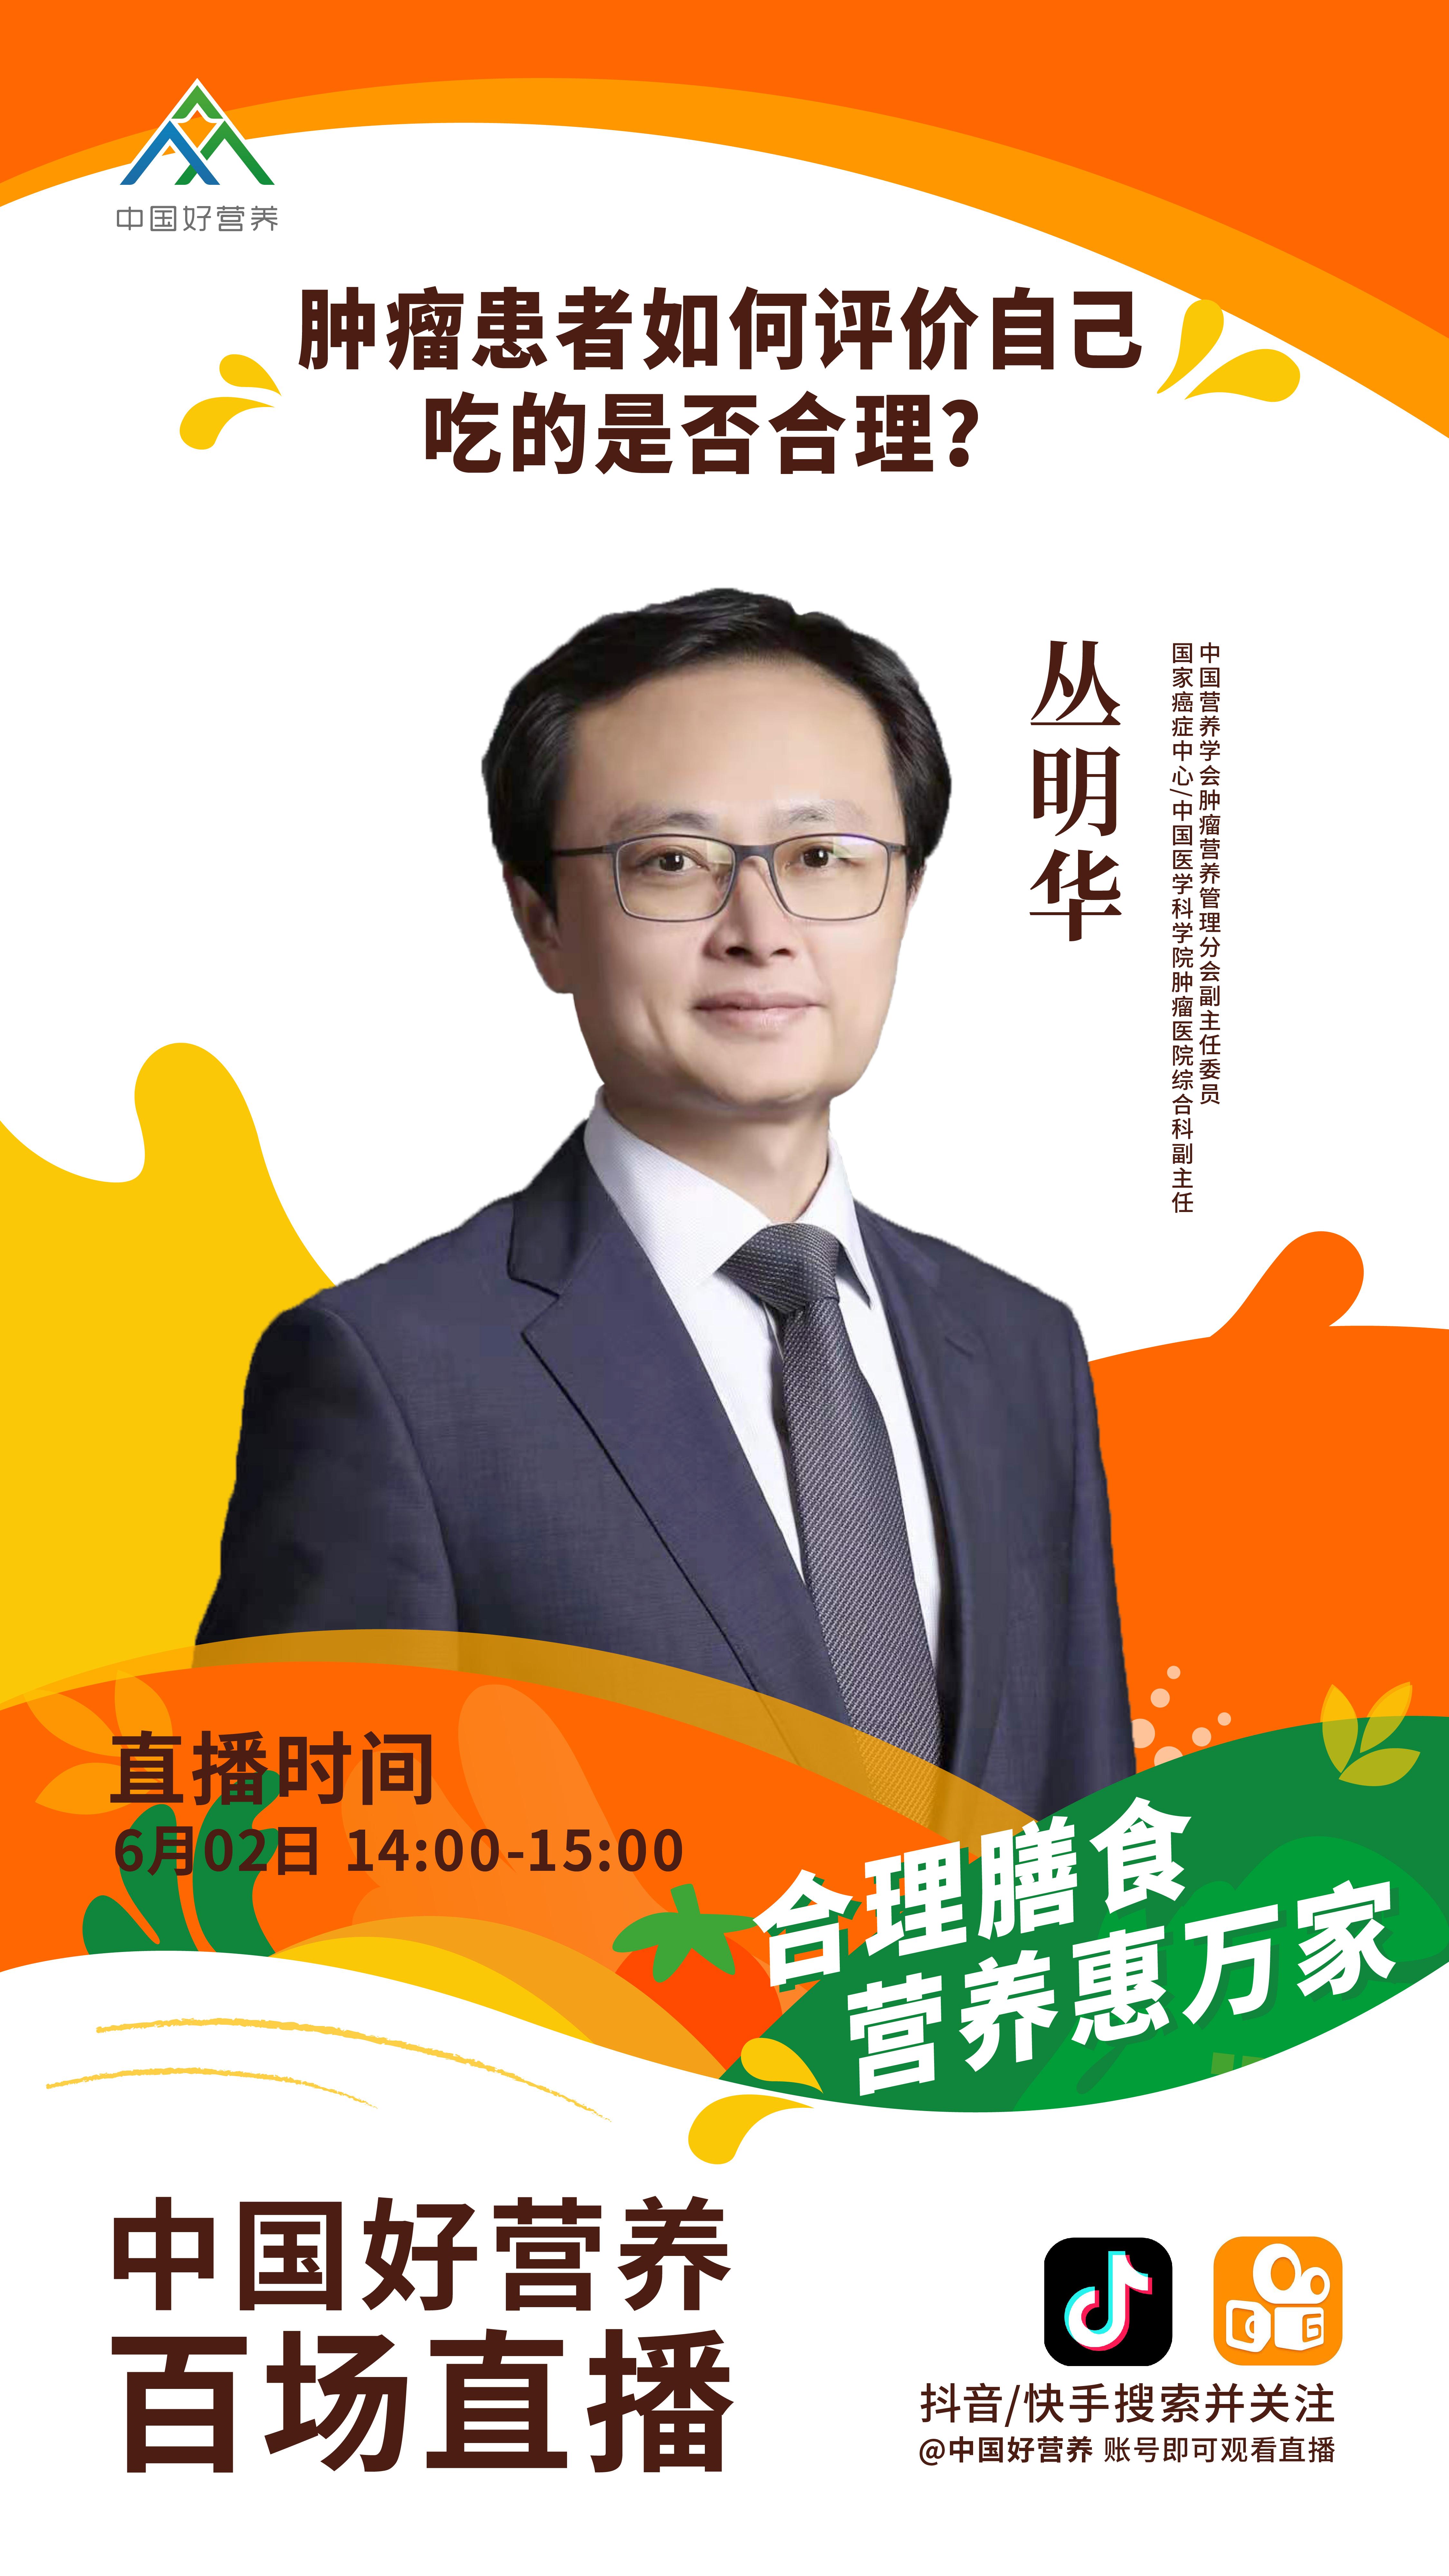 中国好营养百场直播